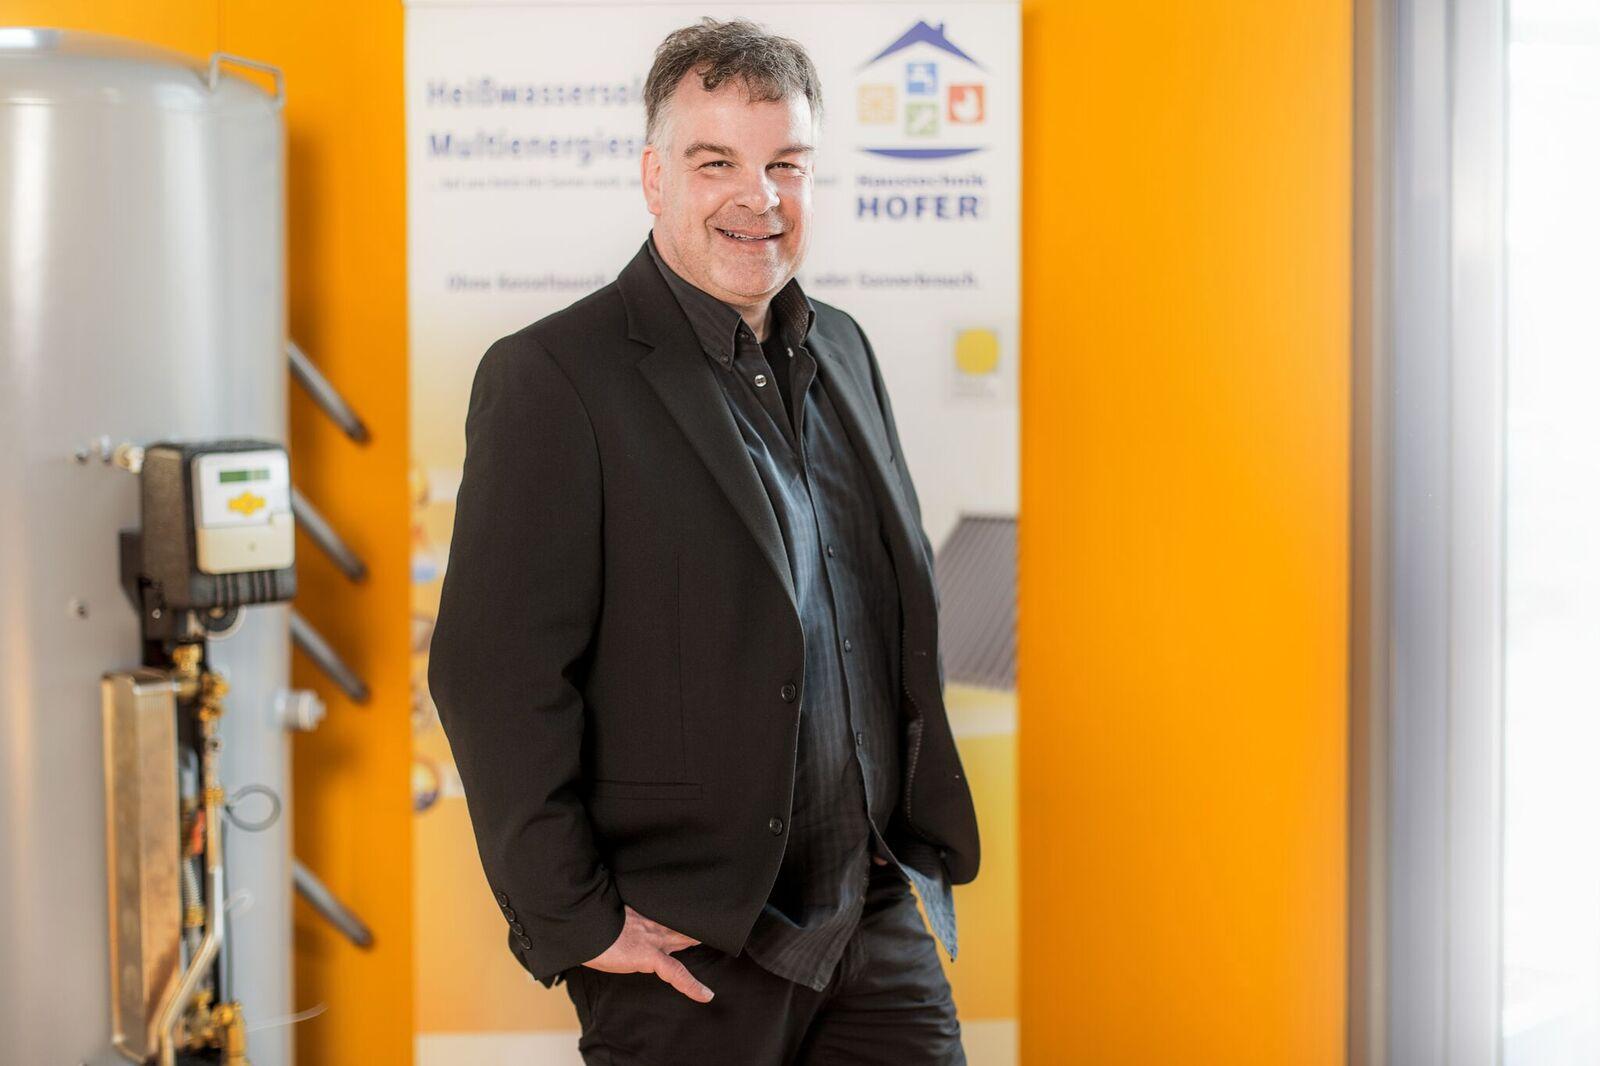 Herbert Hofer, Hofer Haustechnik GmbH